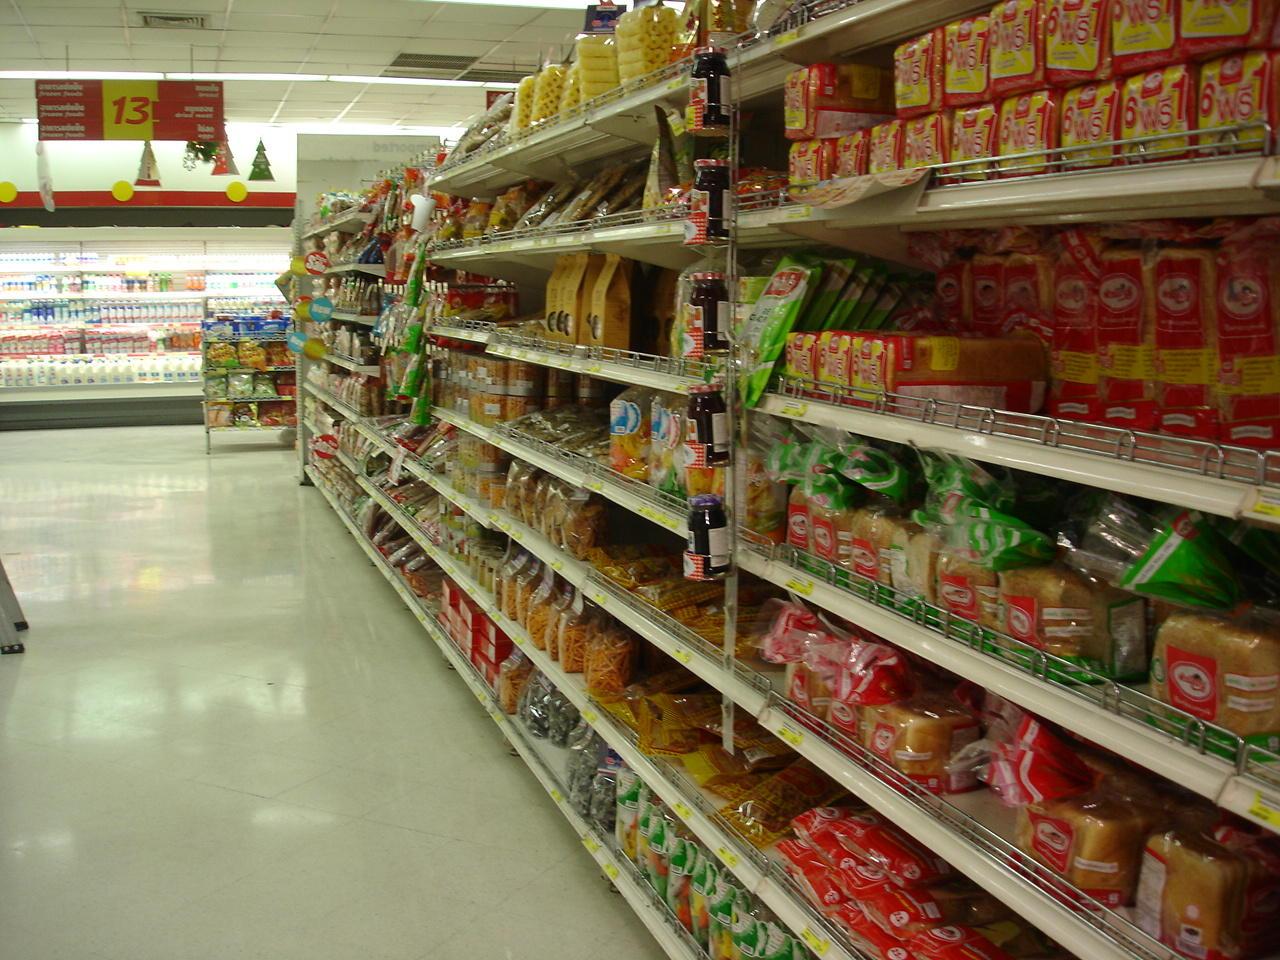 صورة الصناعات الغذائية: إلزام تاجر التجزئة بوضع الأسعار على السلع